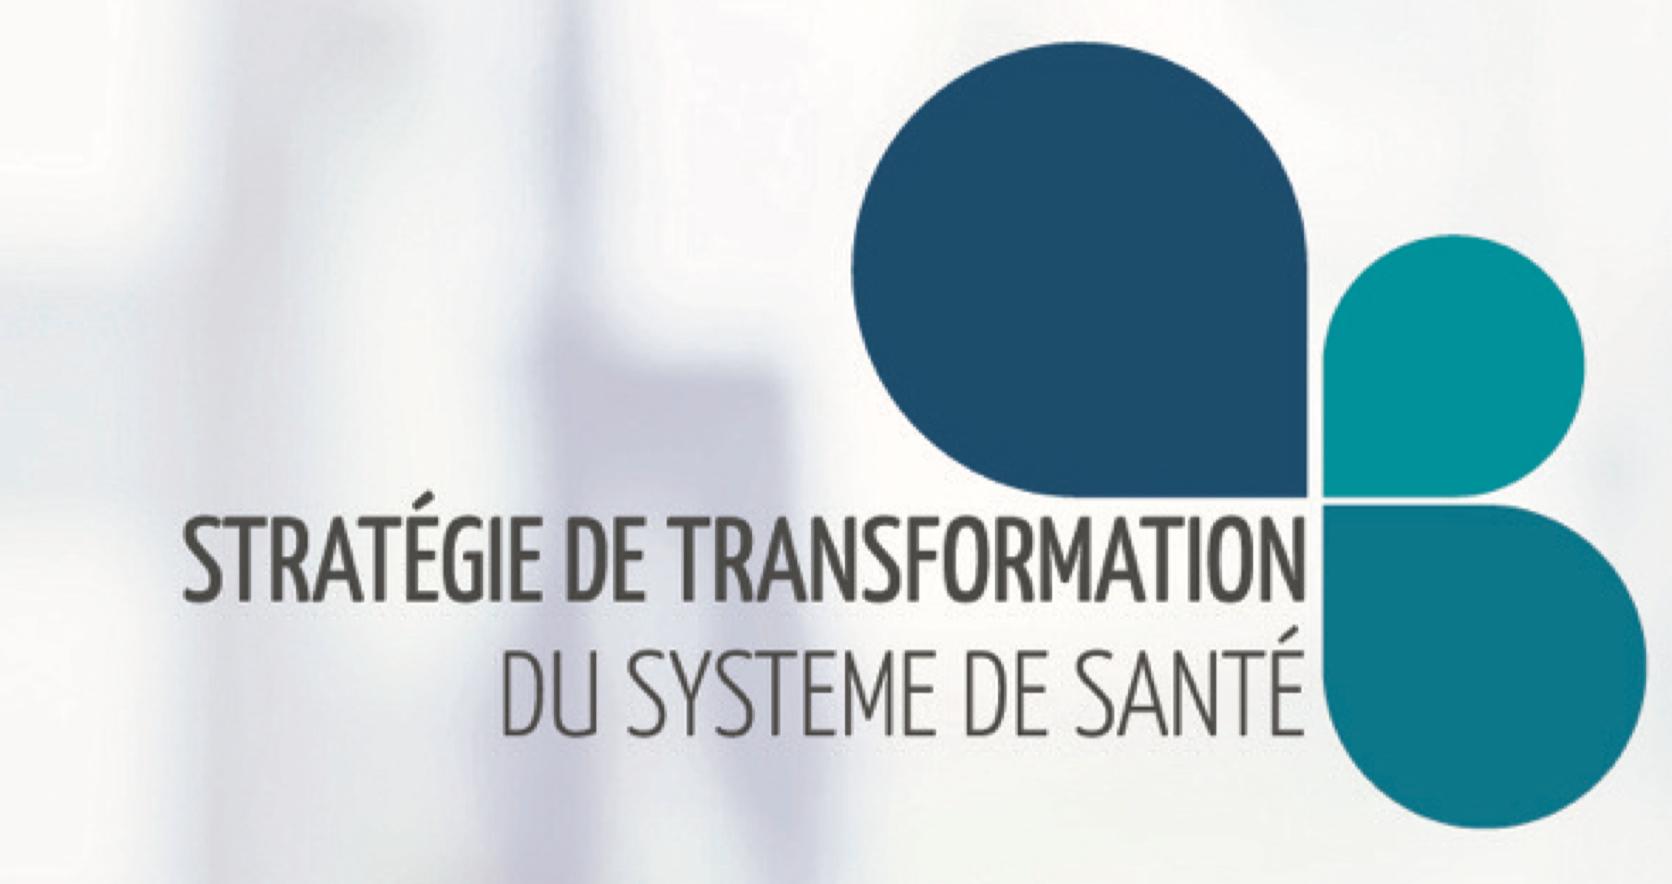 La stratégie de transformation du système de santé, quels chantiers ?